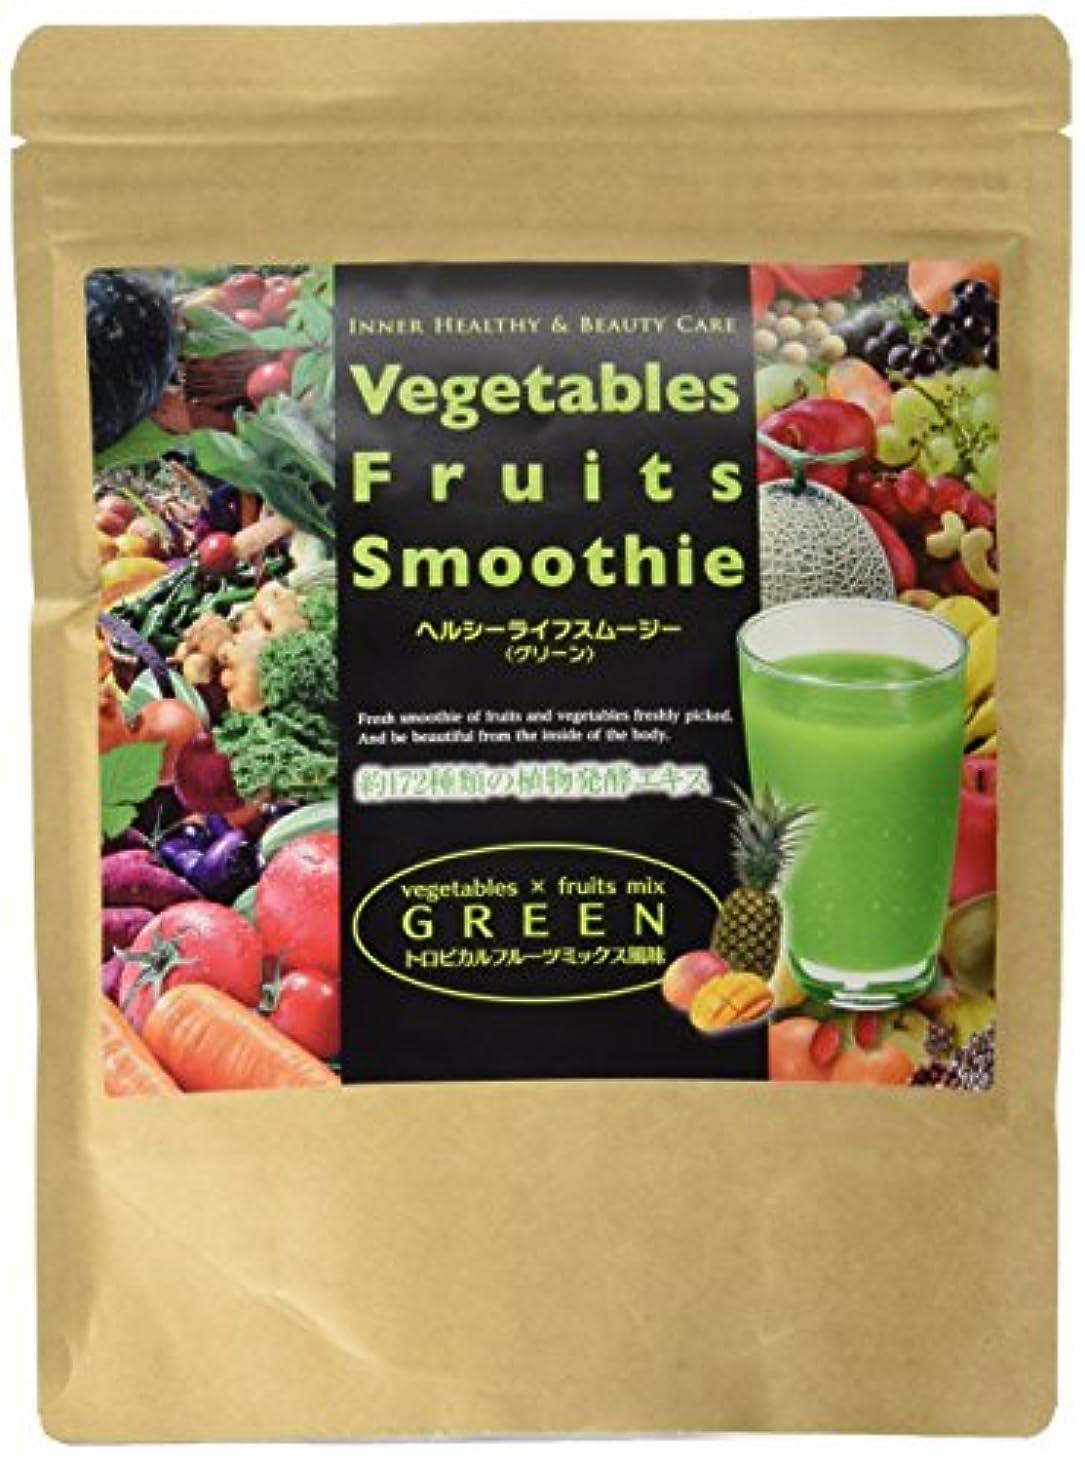 煙突車両チラチラするVegetables Fruits Smoothie ヘルシーライフスムージー(グリーン)トロピカルフルーツミックス味 300g 日本製